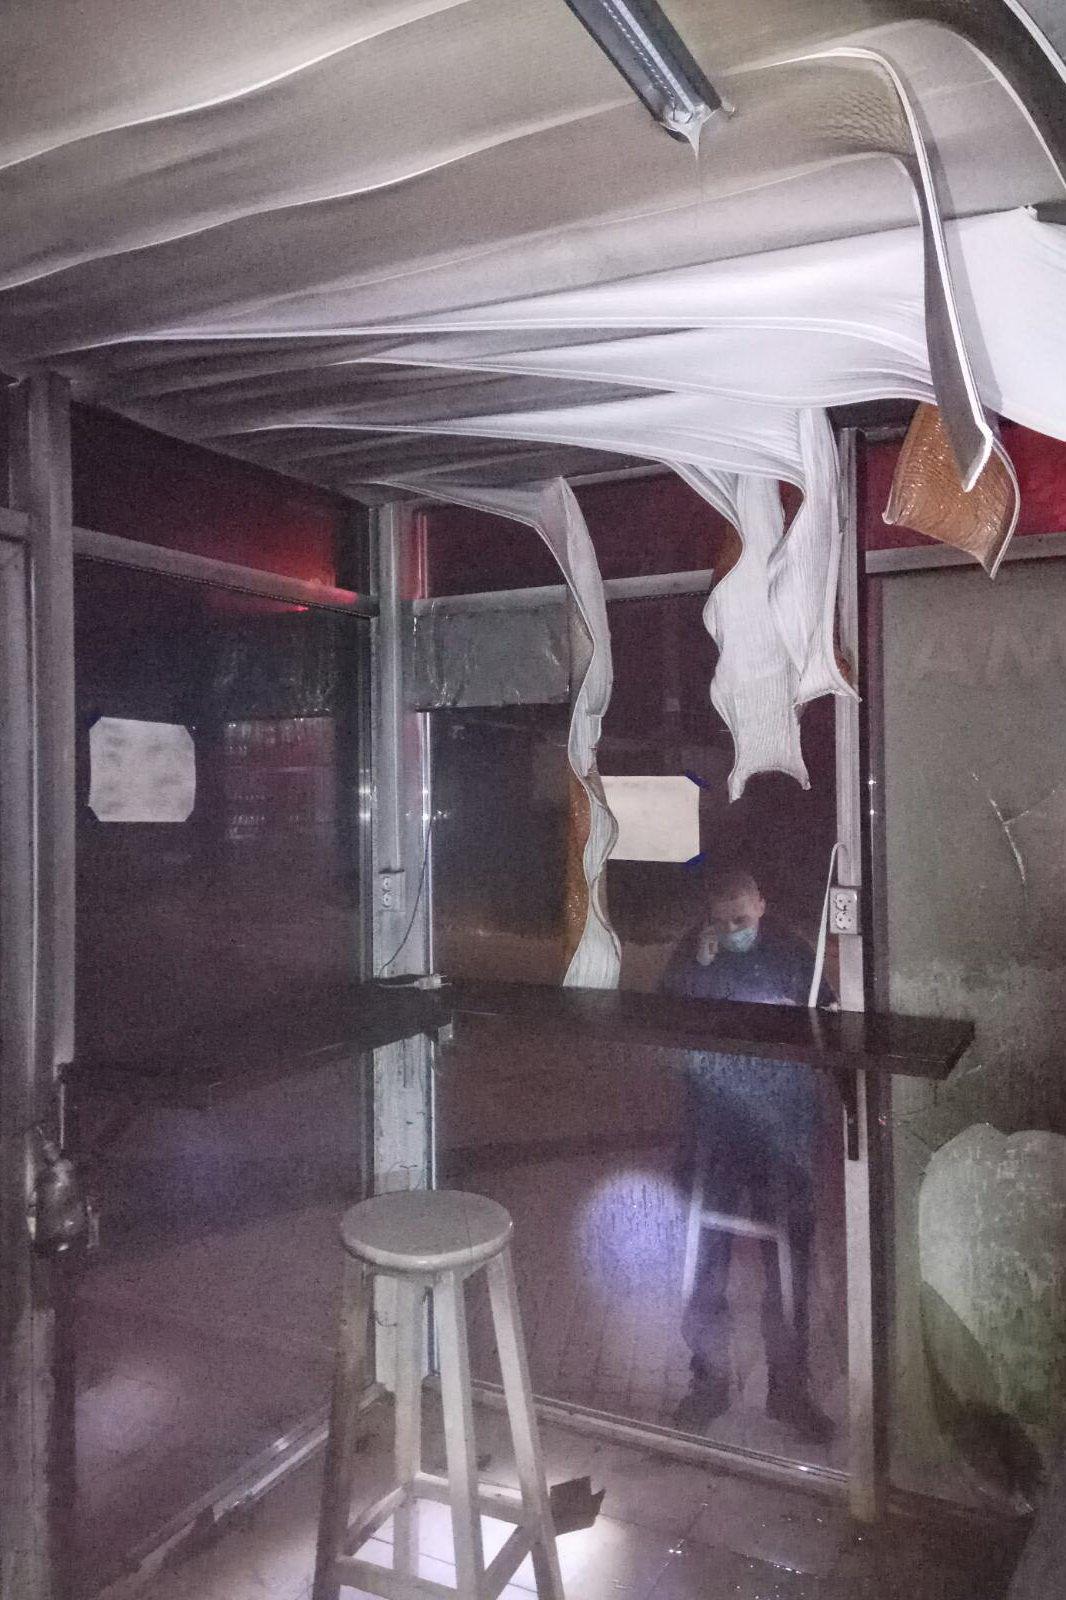 В Харькове неизвестные подожгли продуктовый киоск, - ФОТО, фото-1